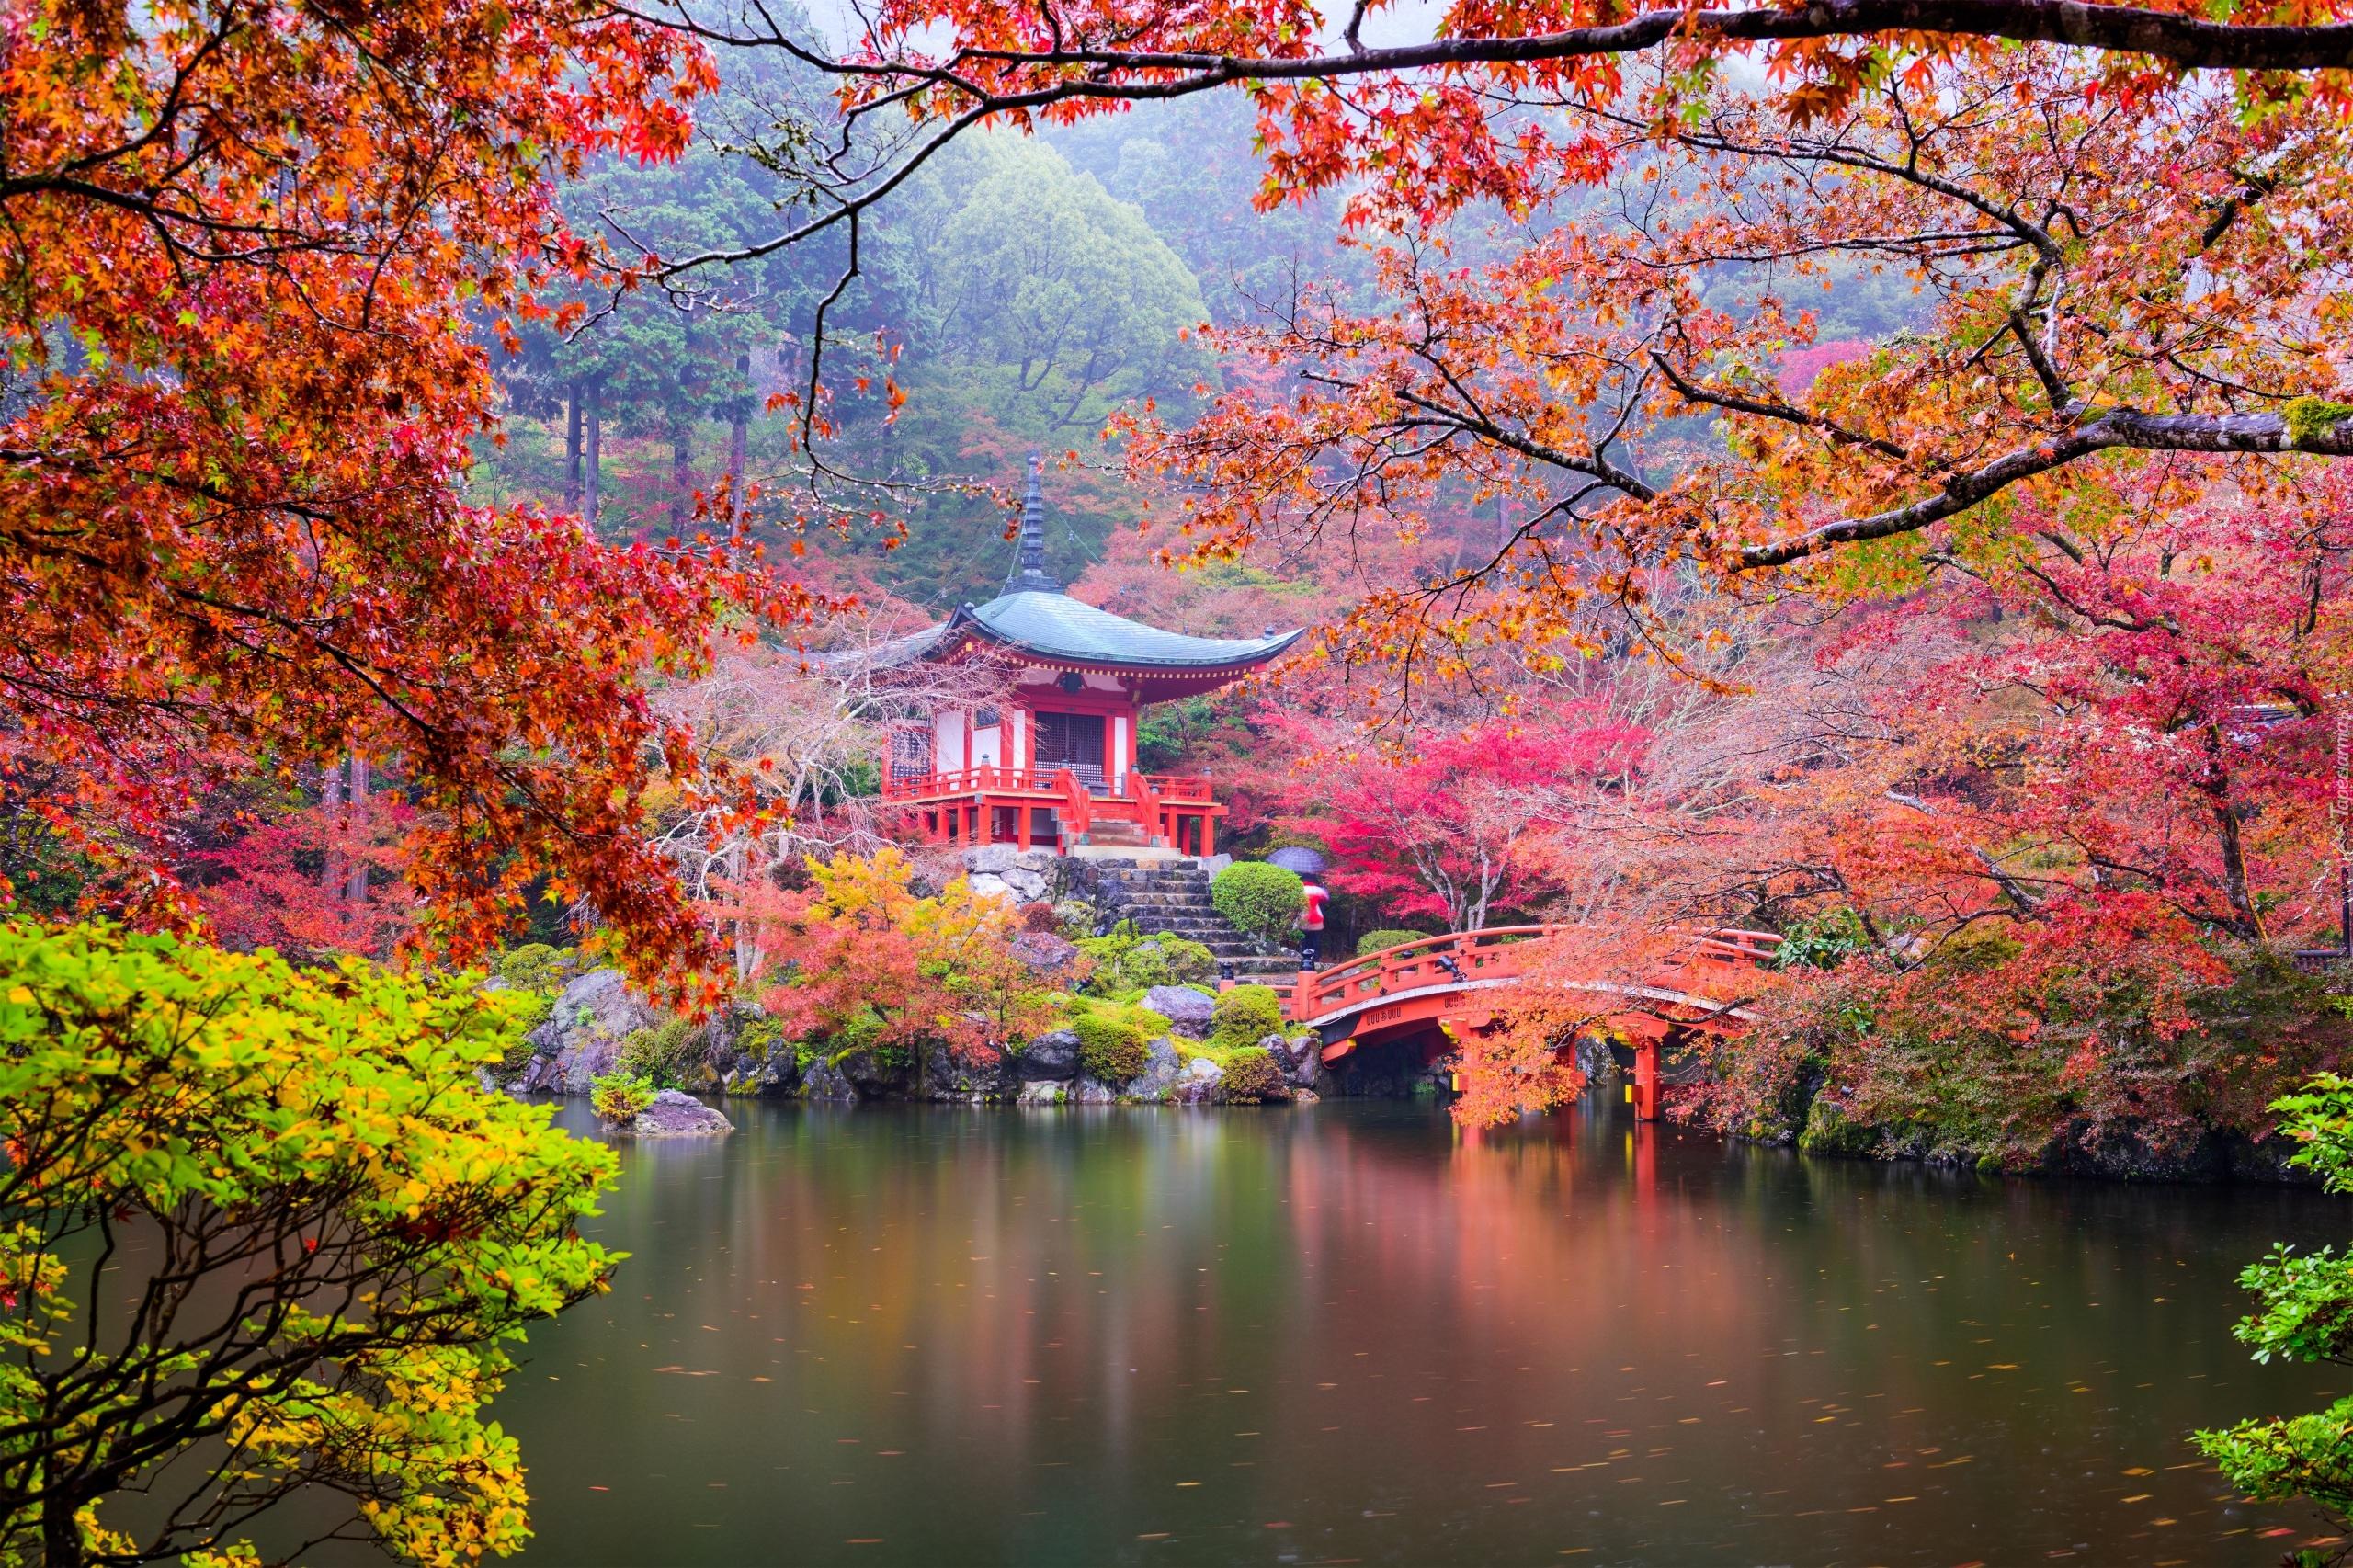 Świątynia Benten-dō w buddyjskim kompleksie świątynnym Daigo-ji w KiotoMiejsca»Budowle»ŚwiątynieMiejsca»Kontynenty-Państwa»JaponiaKrajobrazy»JesieńKrajobrazy»StawyPrzyroda»Rośliny»Drzewa